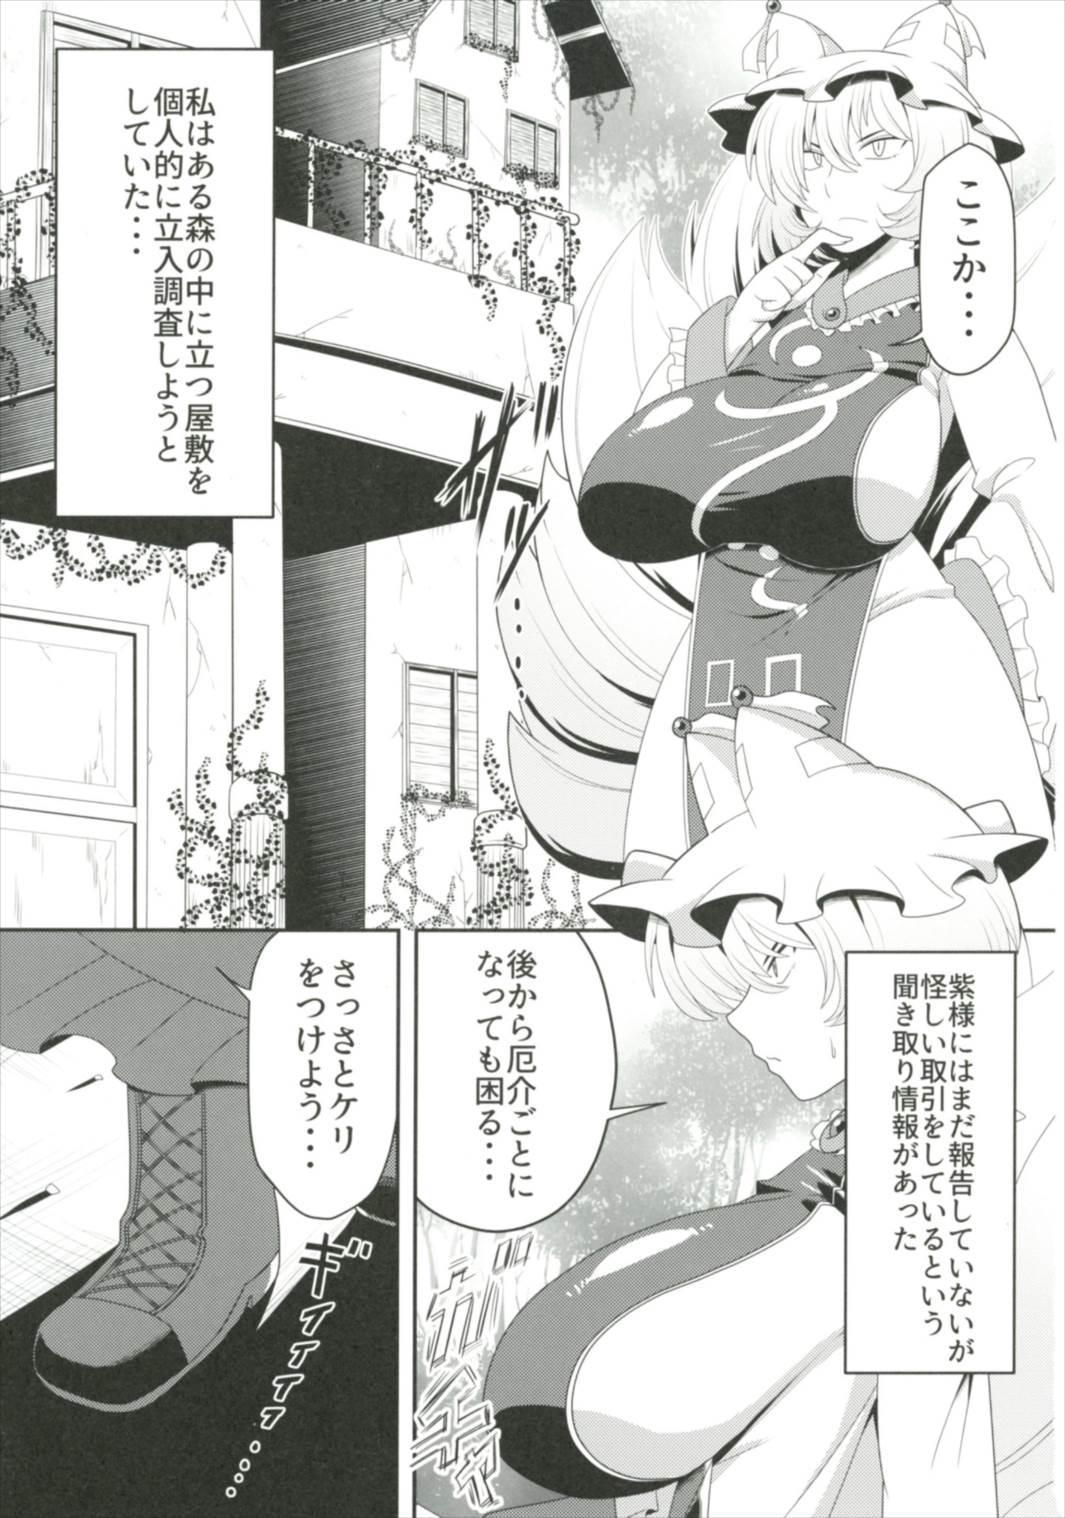 Yakumo Ran ga Saimin de Kyousei Hatsujou Saserarechau Hon 2